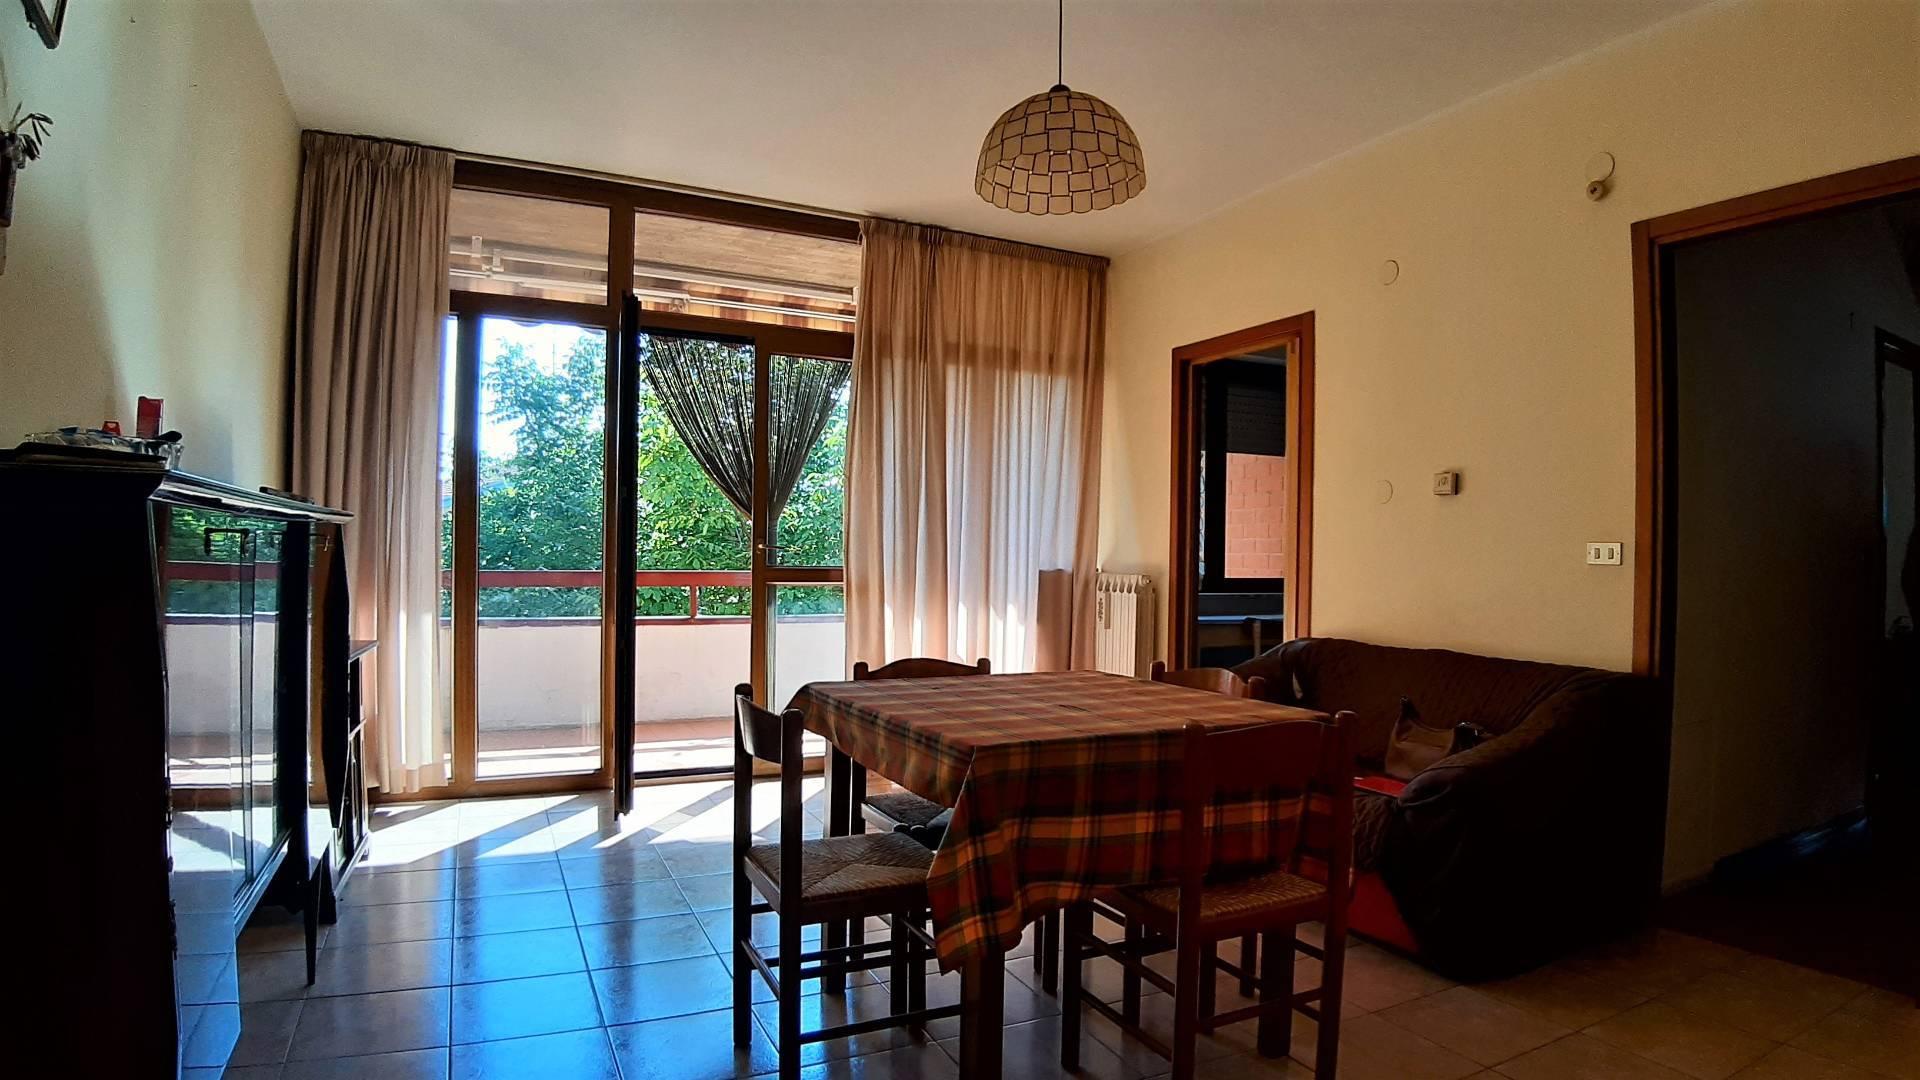 Appartamento in vendita a Giulianova, 5 locali, zona Località: PAESE, prezzo € 75.000 | PortaleAgenzieImmobiliari.it